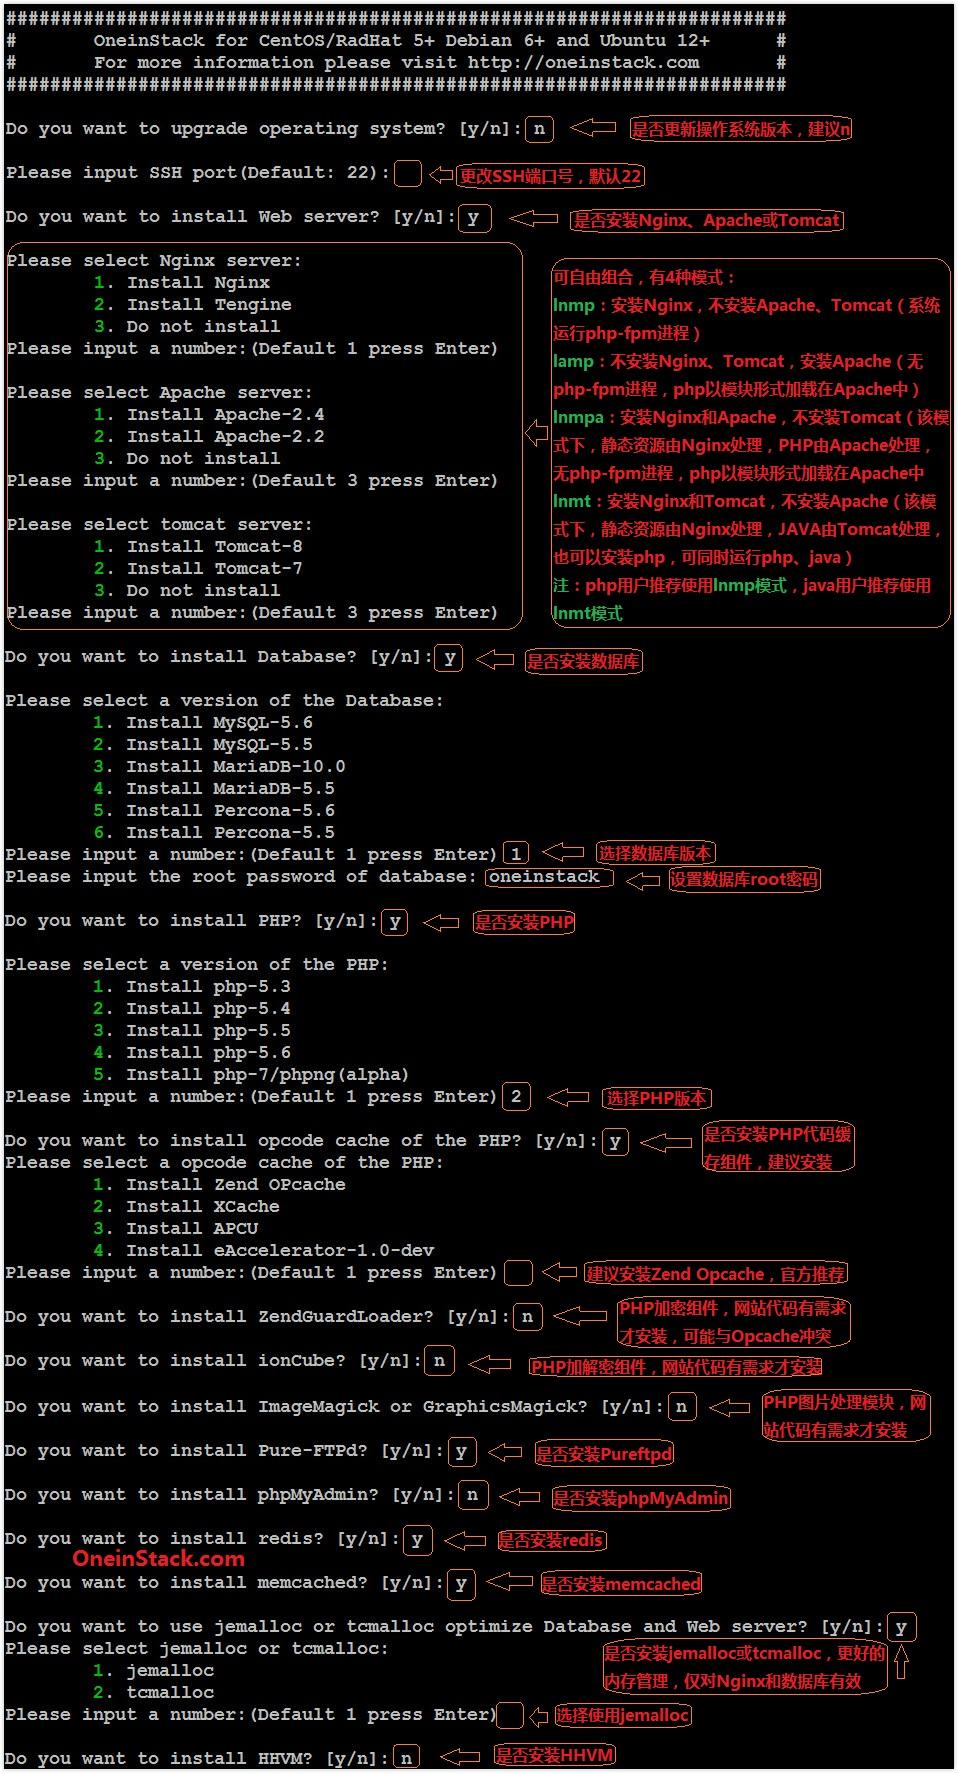 腾讯云Linux服务器一键安装LAMP/LNMP/LANMP环境